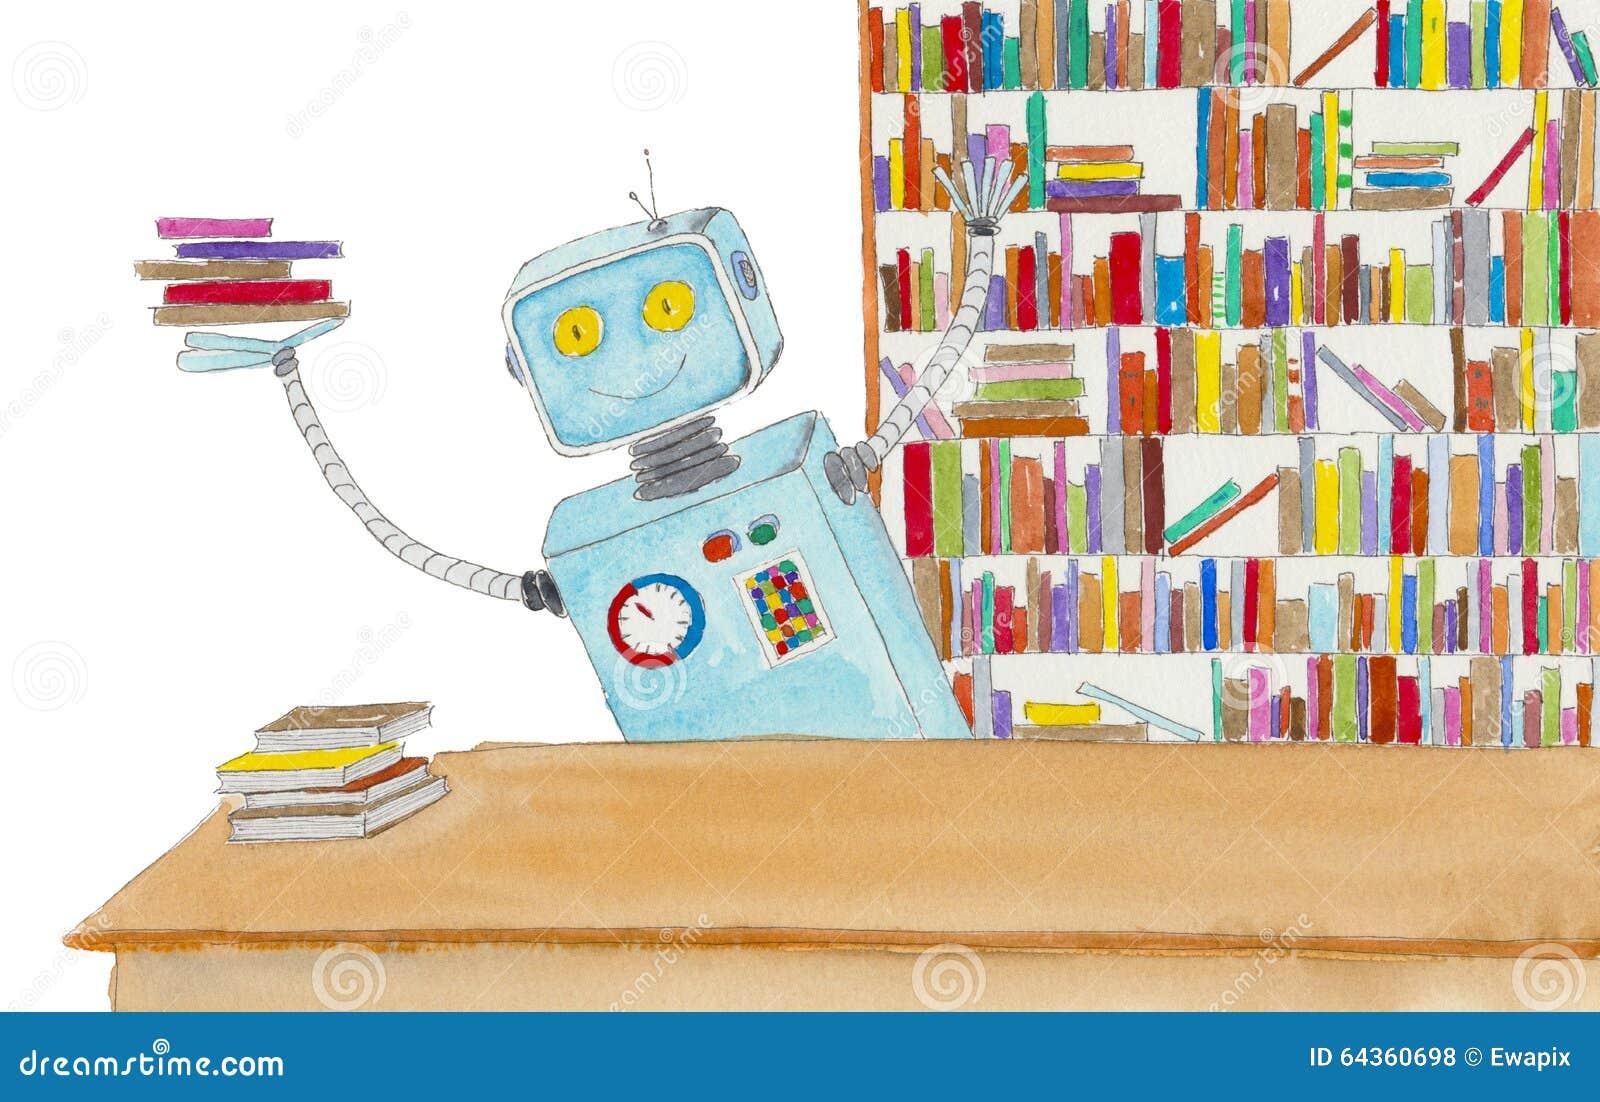 Bibliotecario del robot stock de ilustración. Ilustración de ...